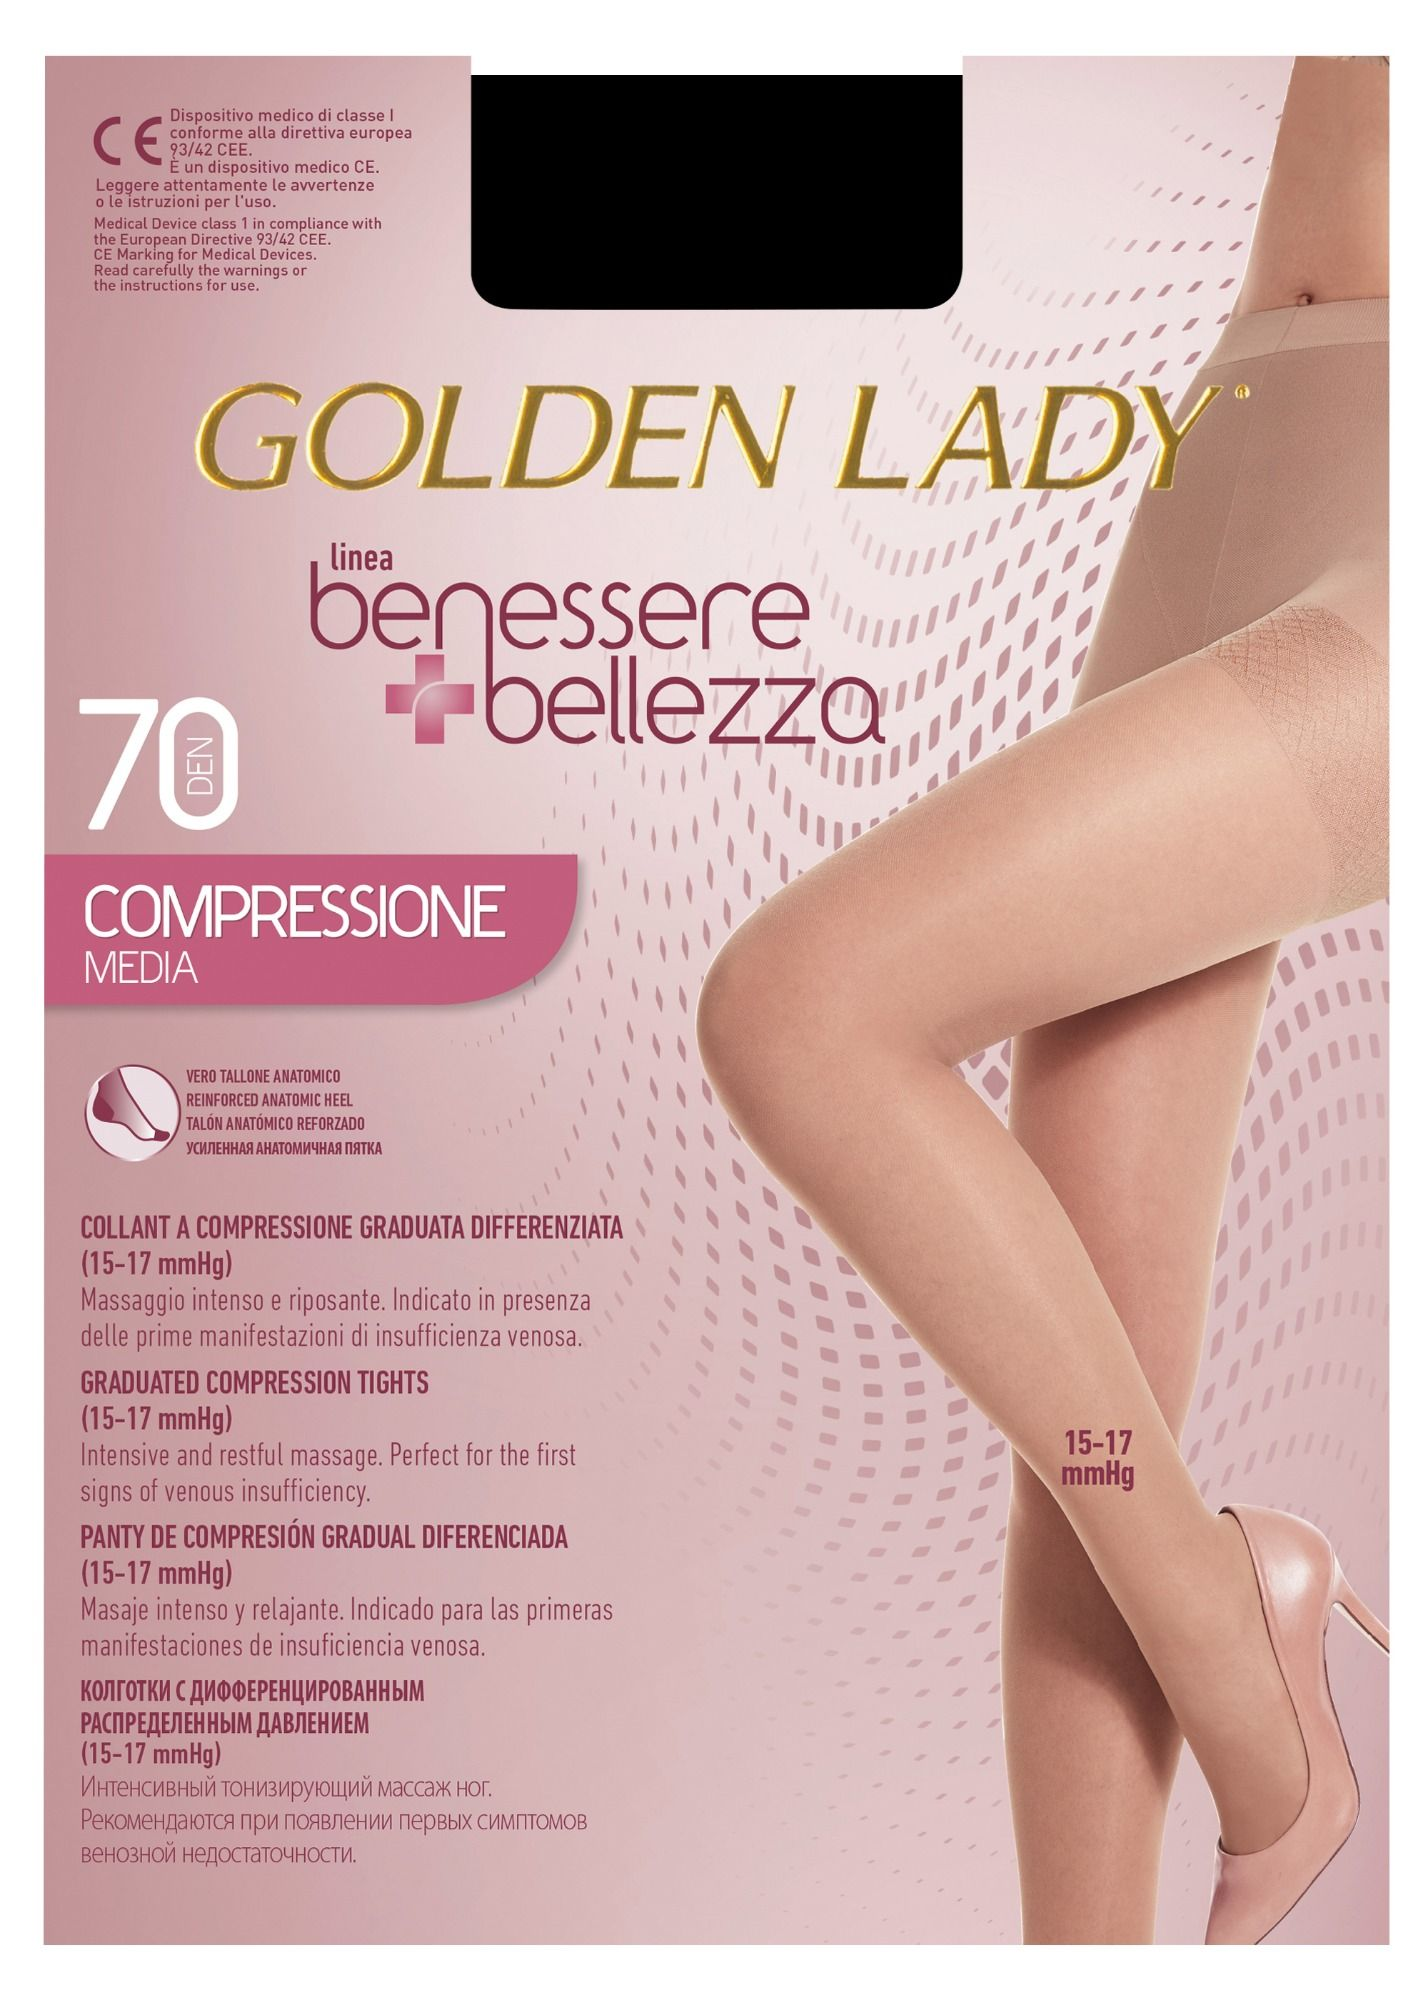 BENESSERE & BELLEZZA 70 Philippe Matignon